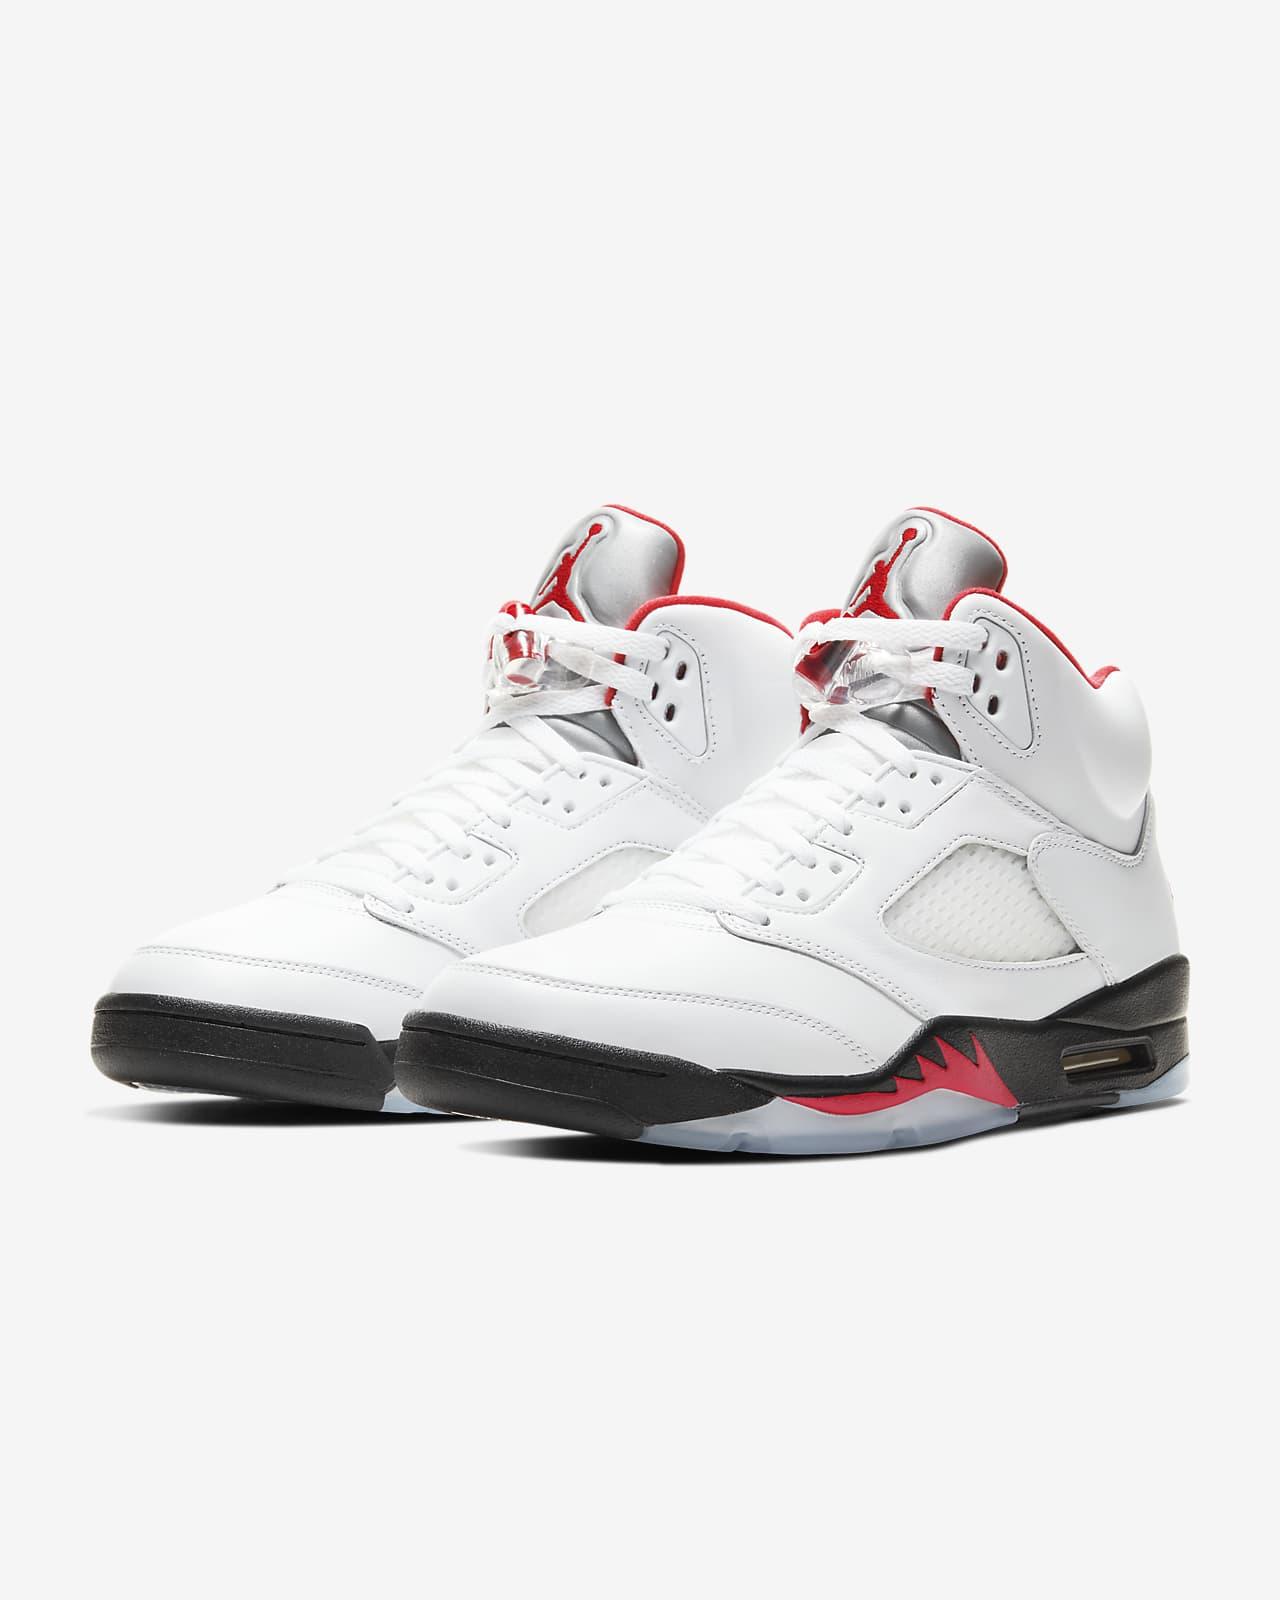 Air Jordan 5 Retro Men's Shoe